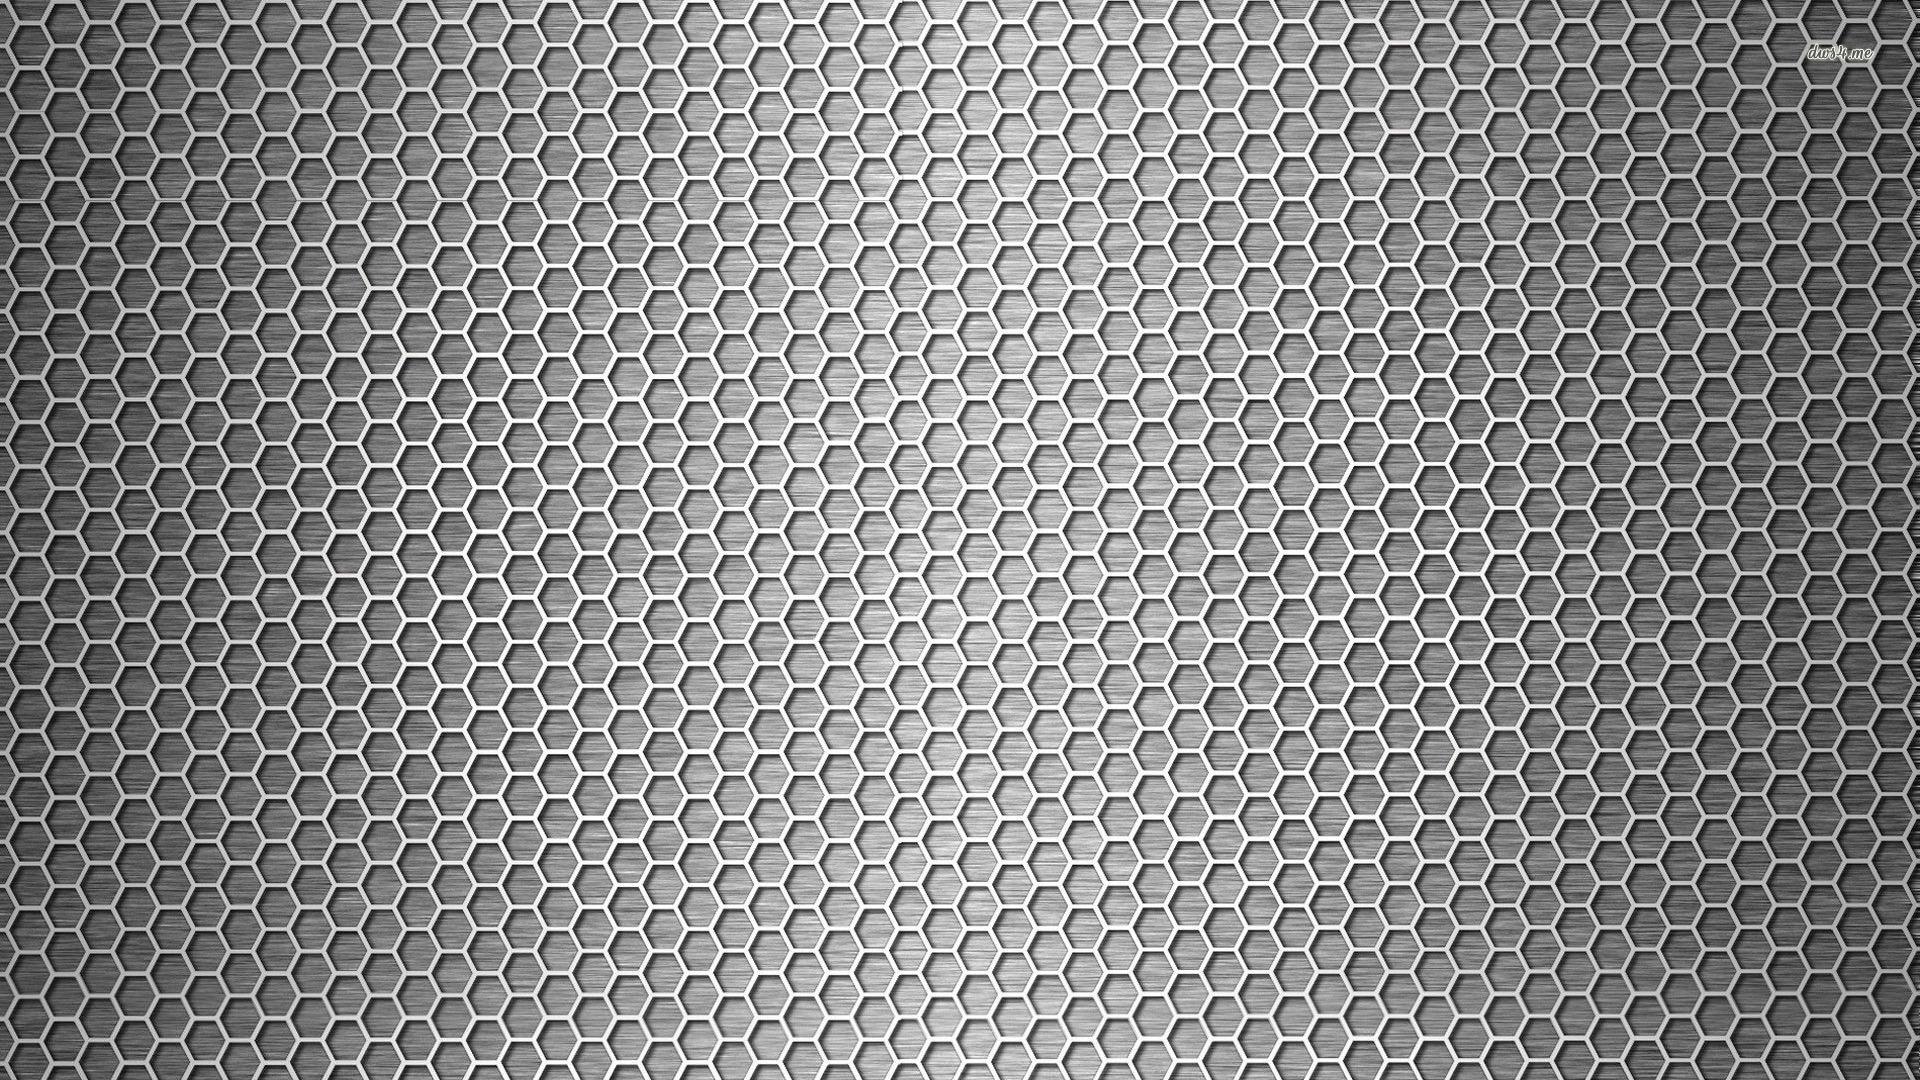 4k Carbon Fiber Wallpaper Wallpapersafari